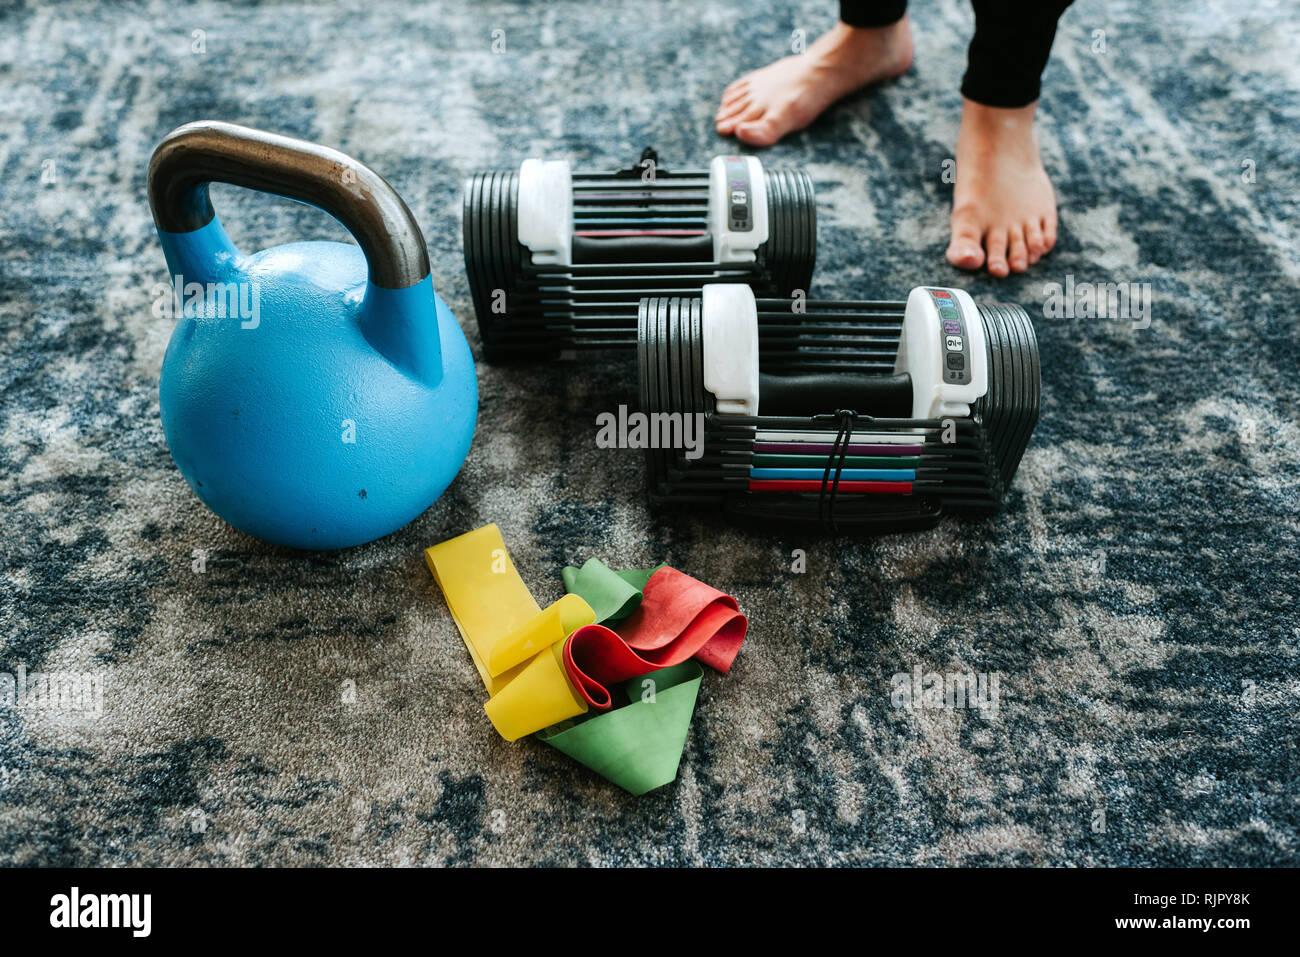 Électrique bell et assortiment de matériel d'exercice par paire de pieds Photo Stock